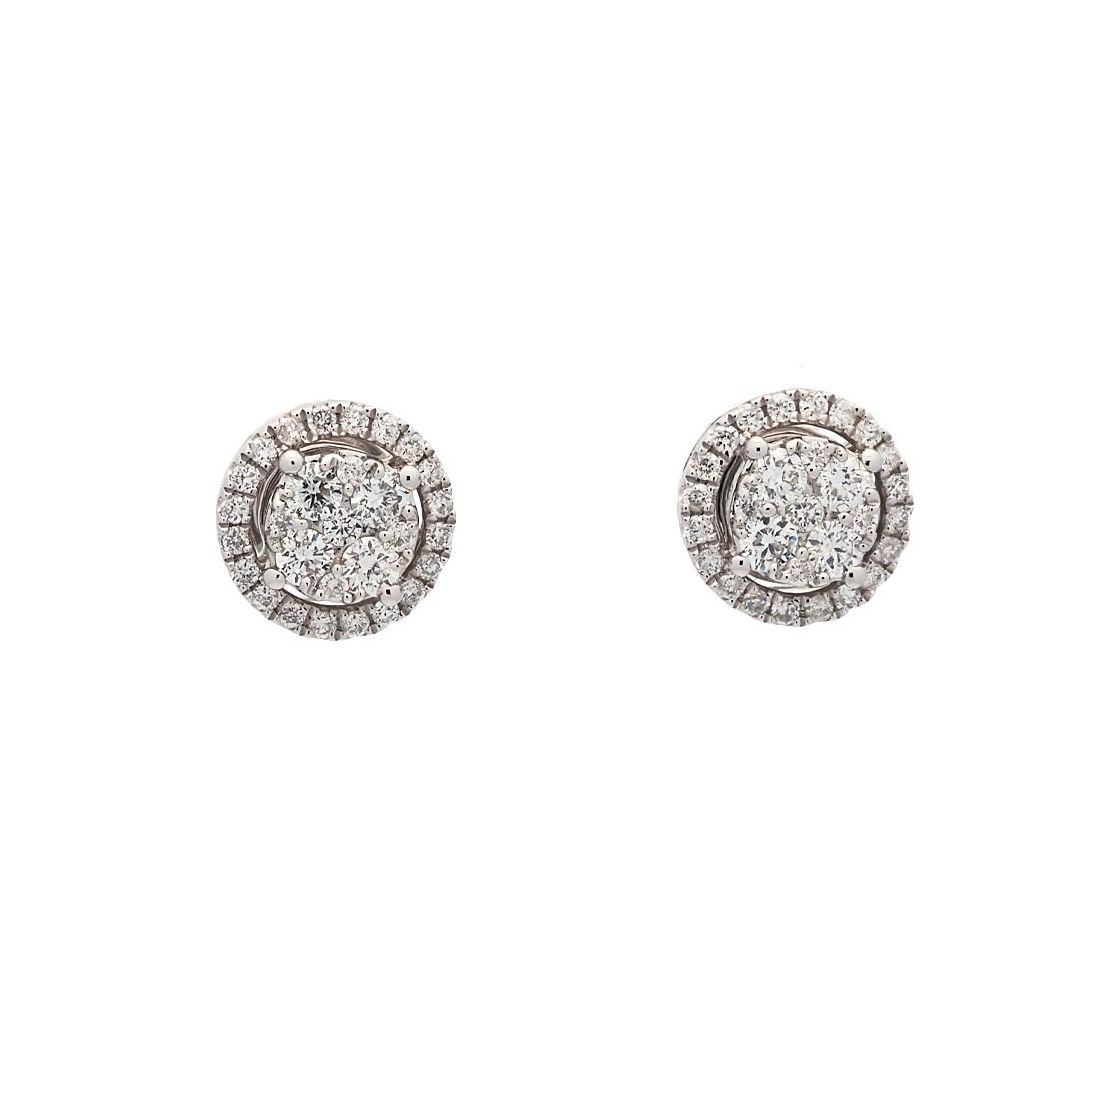 Pendientes de oro blanco con diamantes  - 1